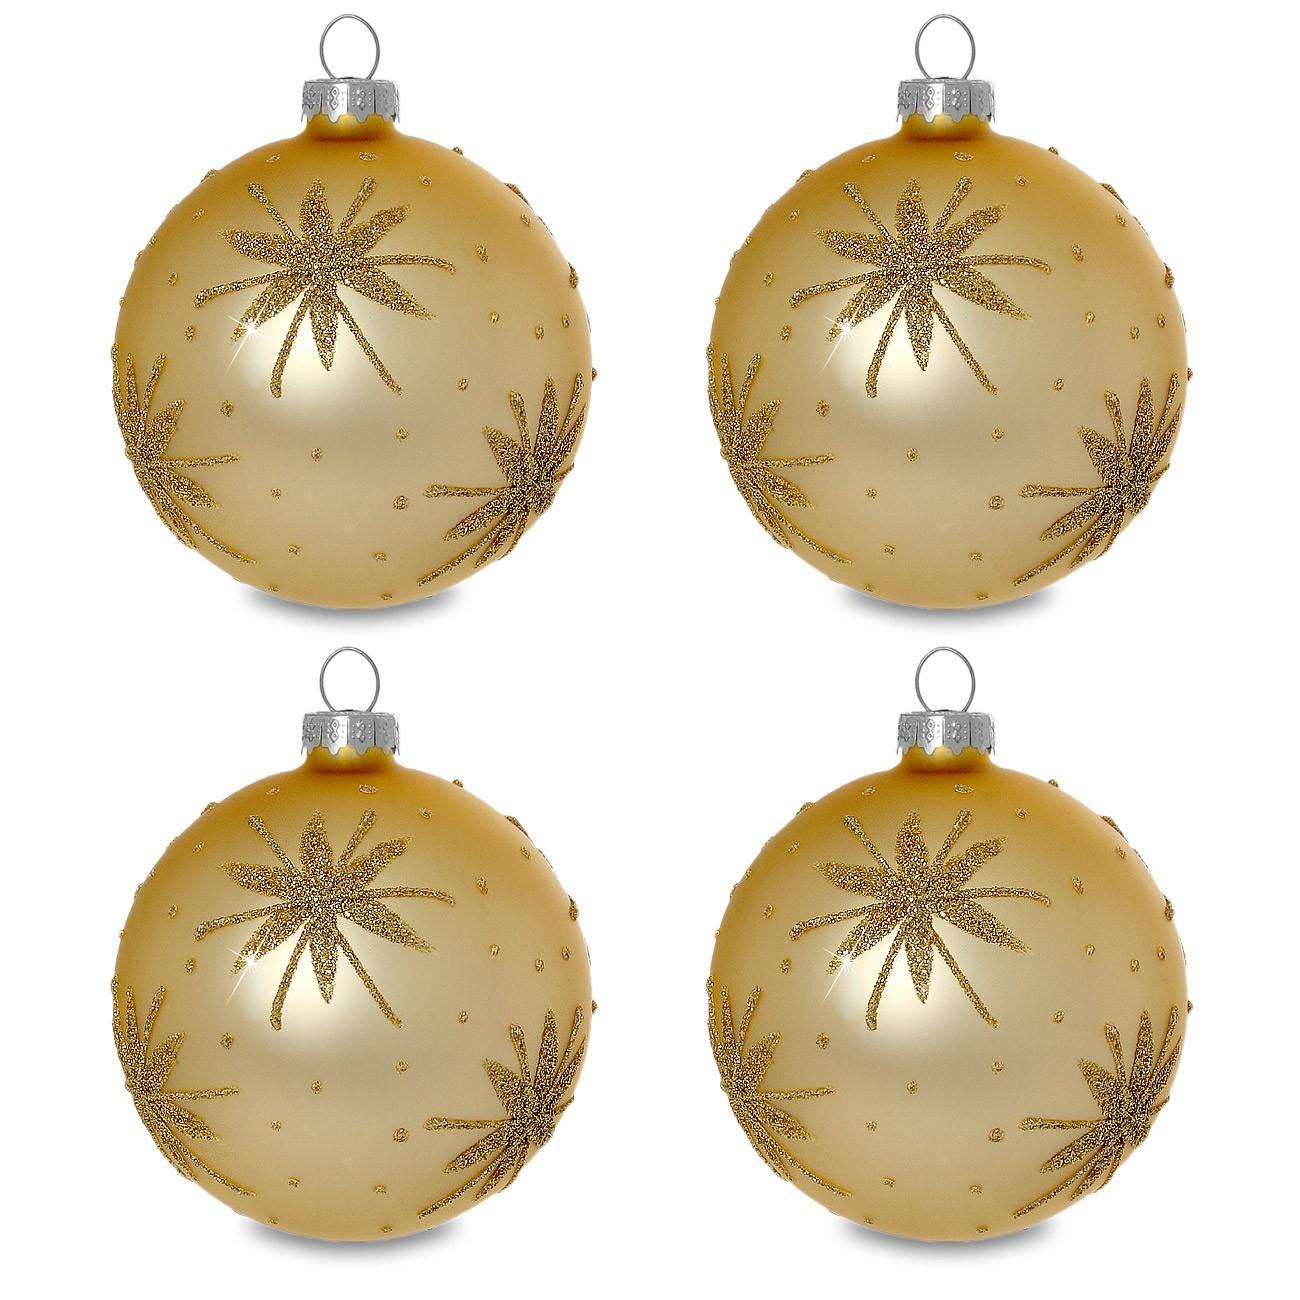 sikora christbaumkugeln aus glas mit klassischer verzierung stary night gold 4er set. Black Bedroom Furniture Sets. Home Design Ideas